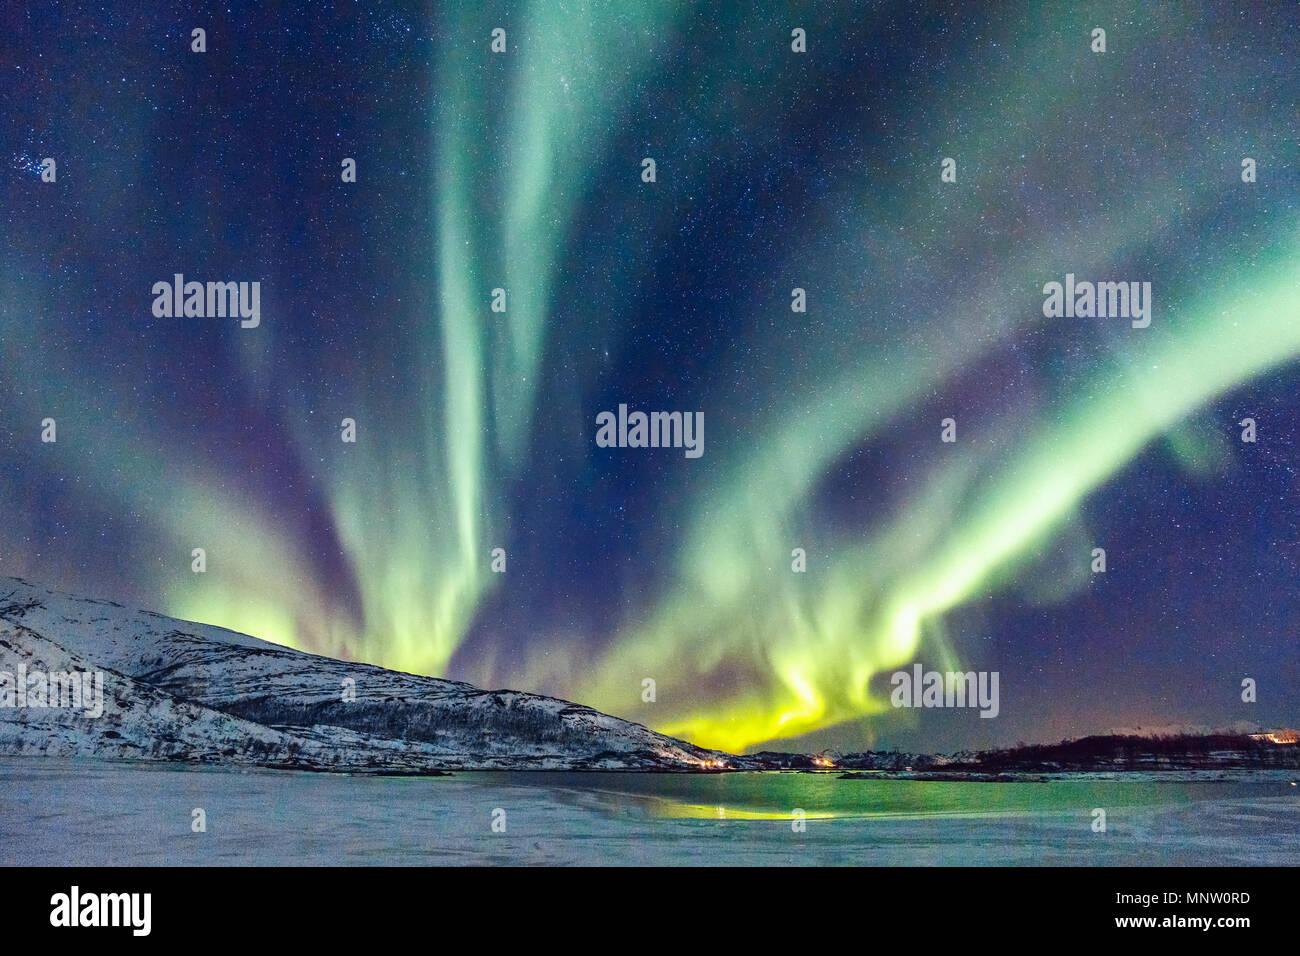 Unglaublichen Nordlichter Aurora Borealis Aktivität oberhalb der Küste in Norwegen Stockbild